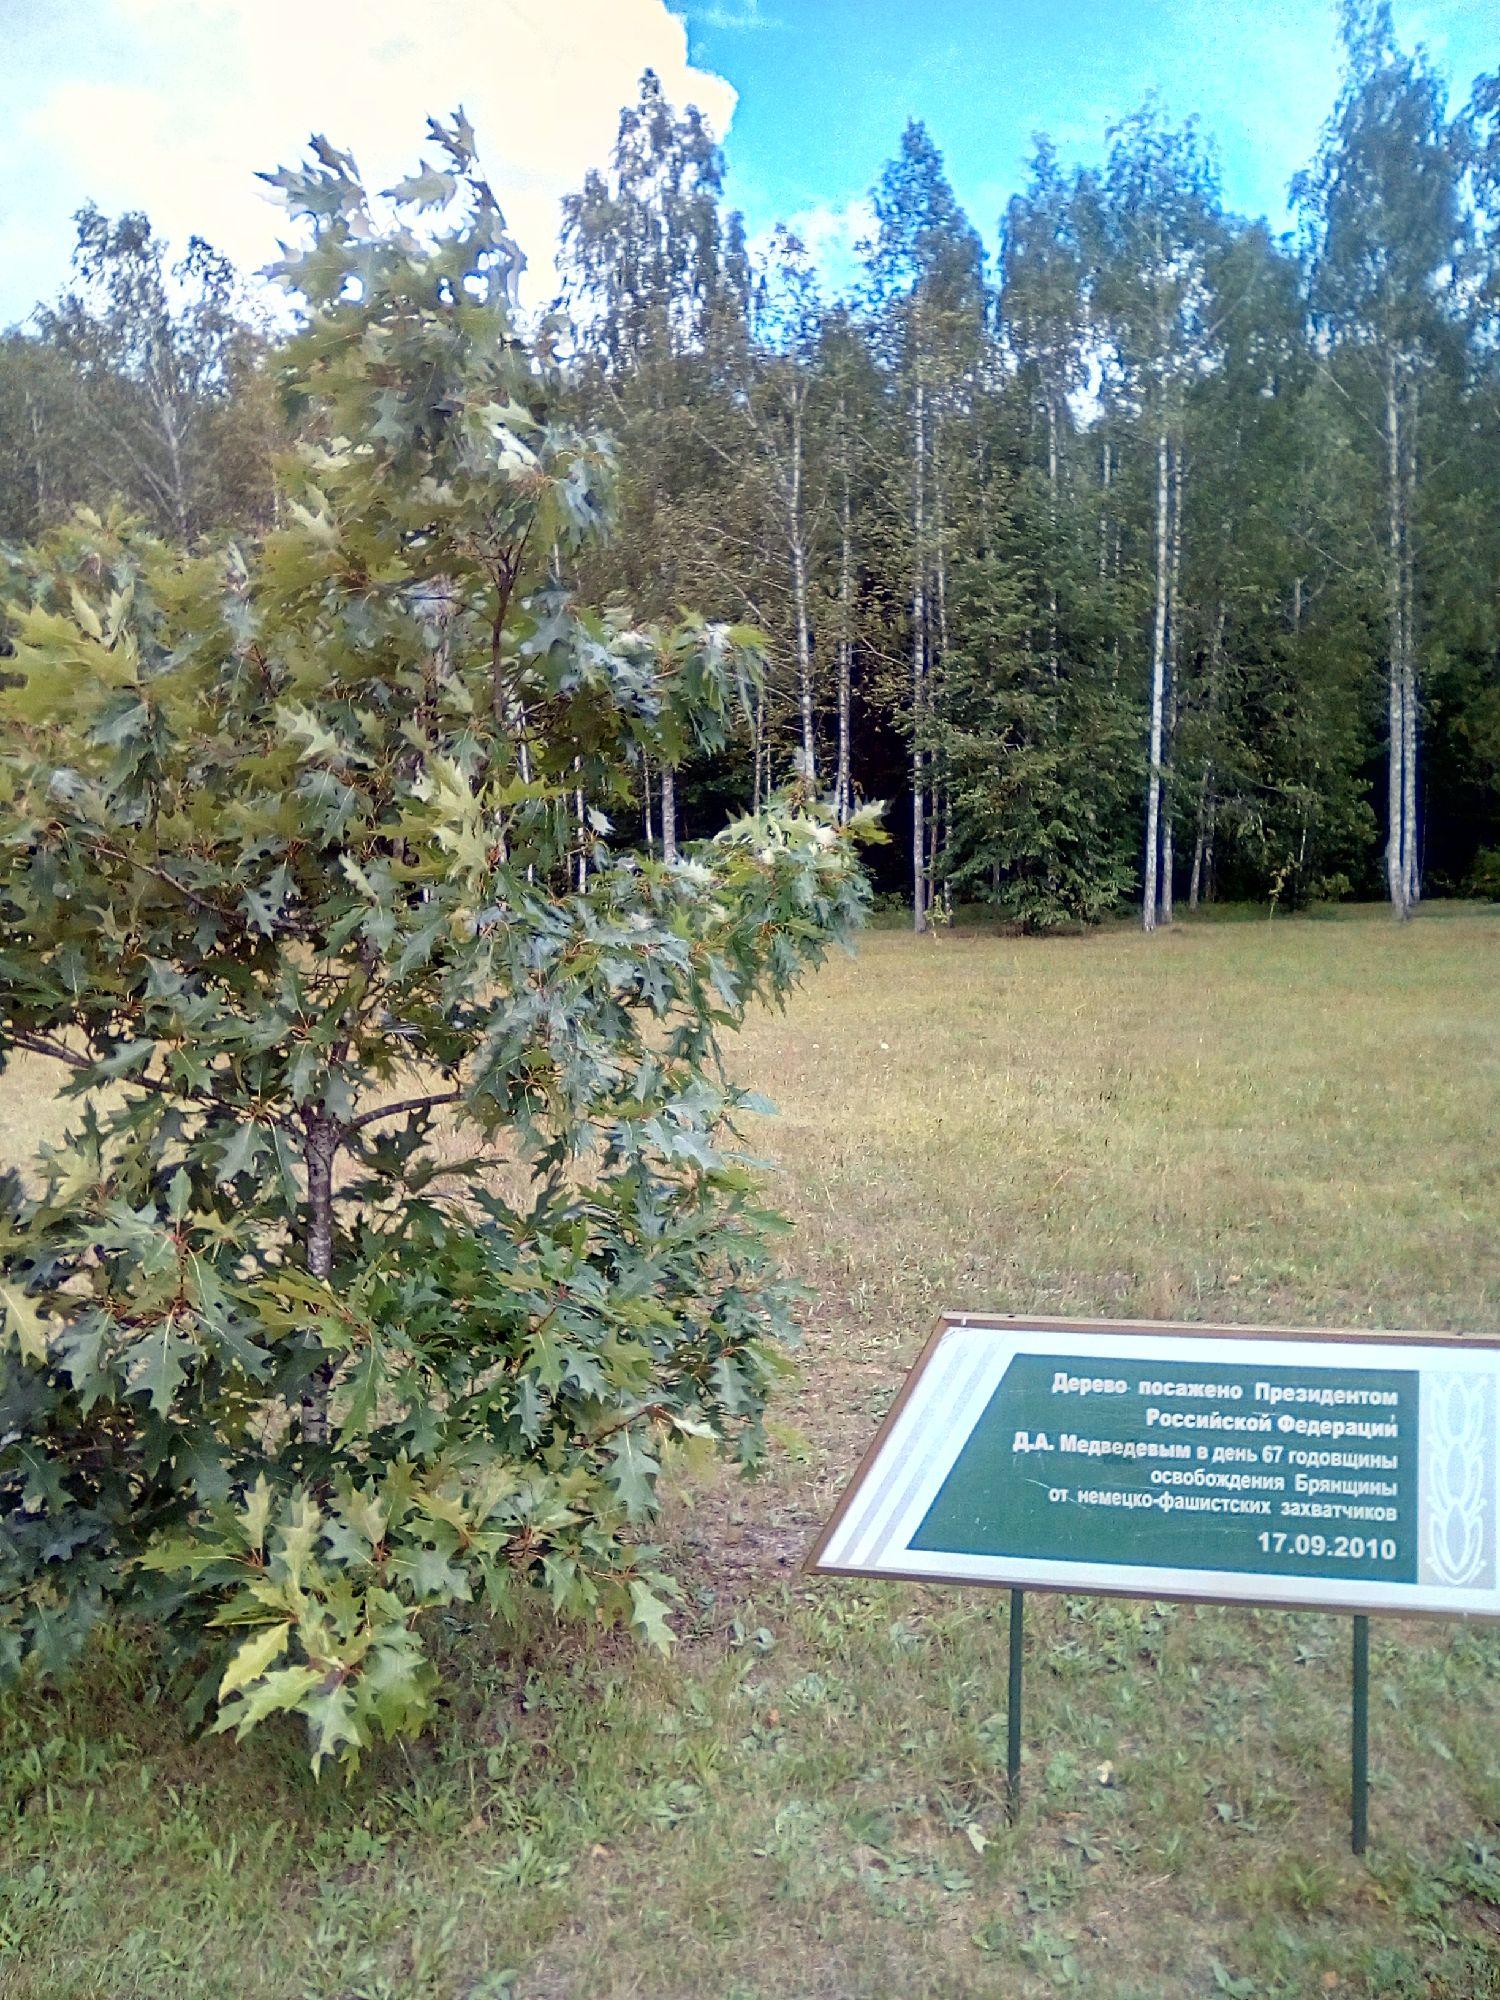 Дерево, посаженное президентом Д. А. Медведевым